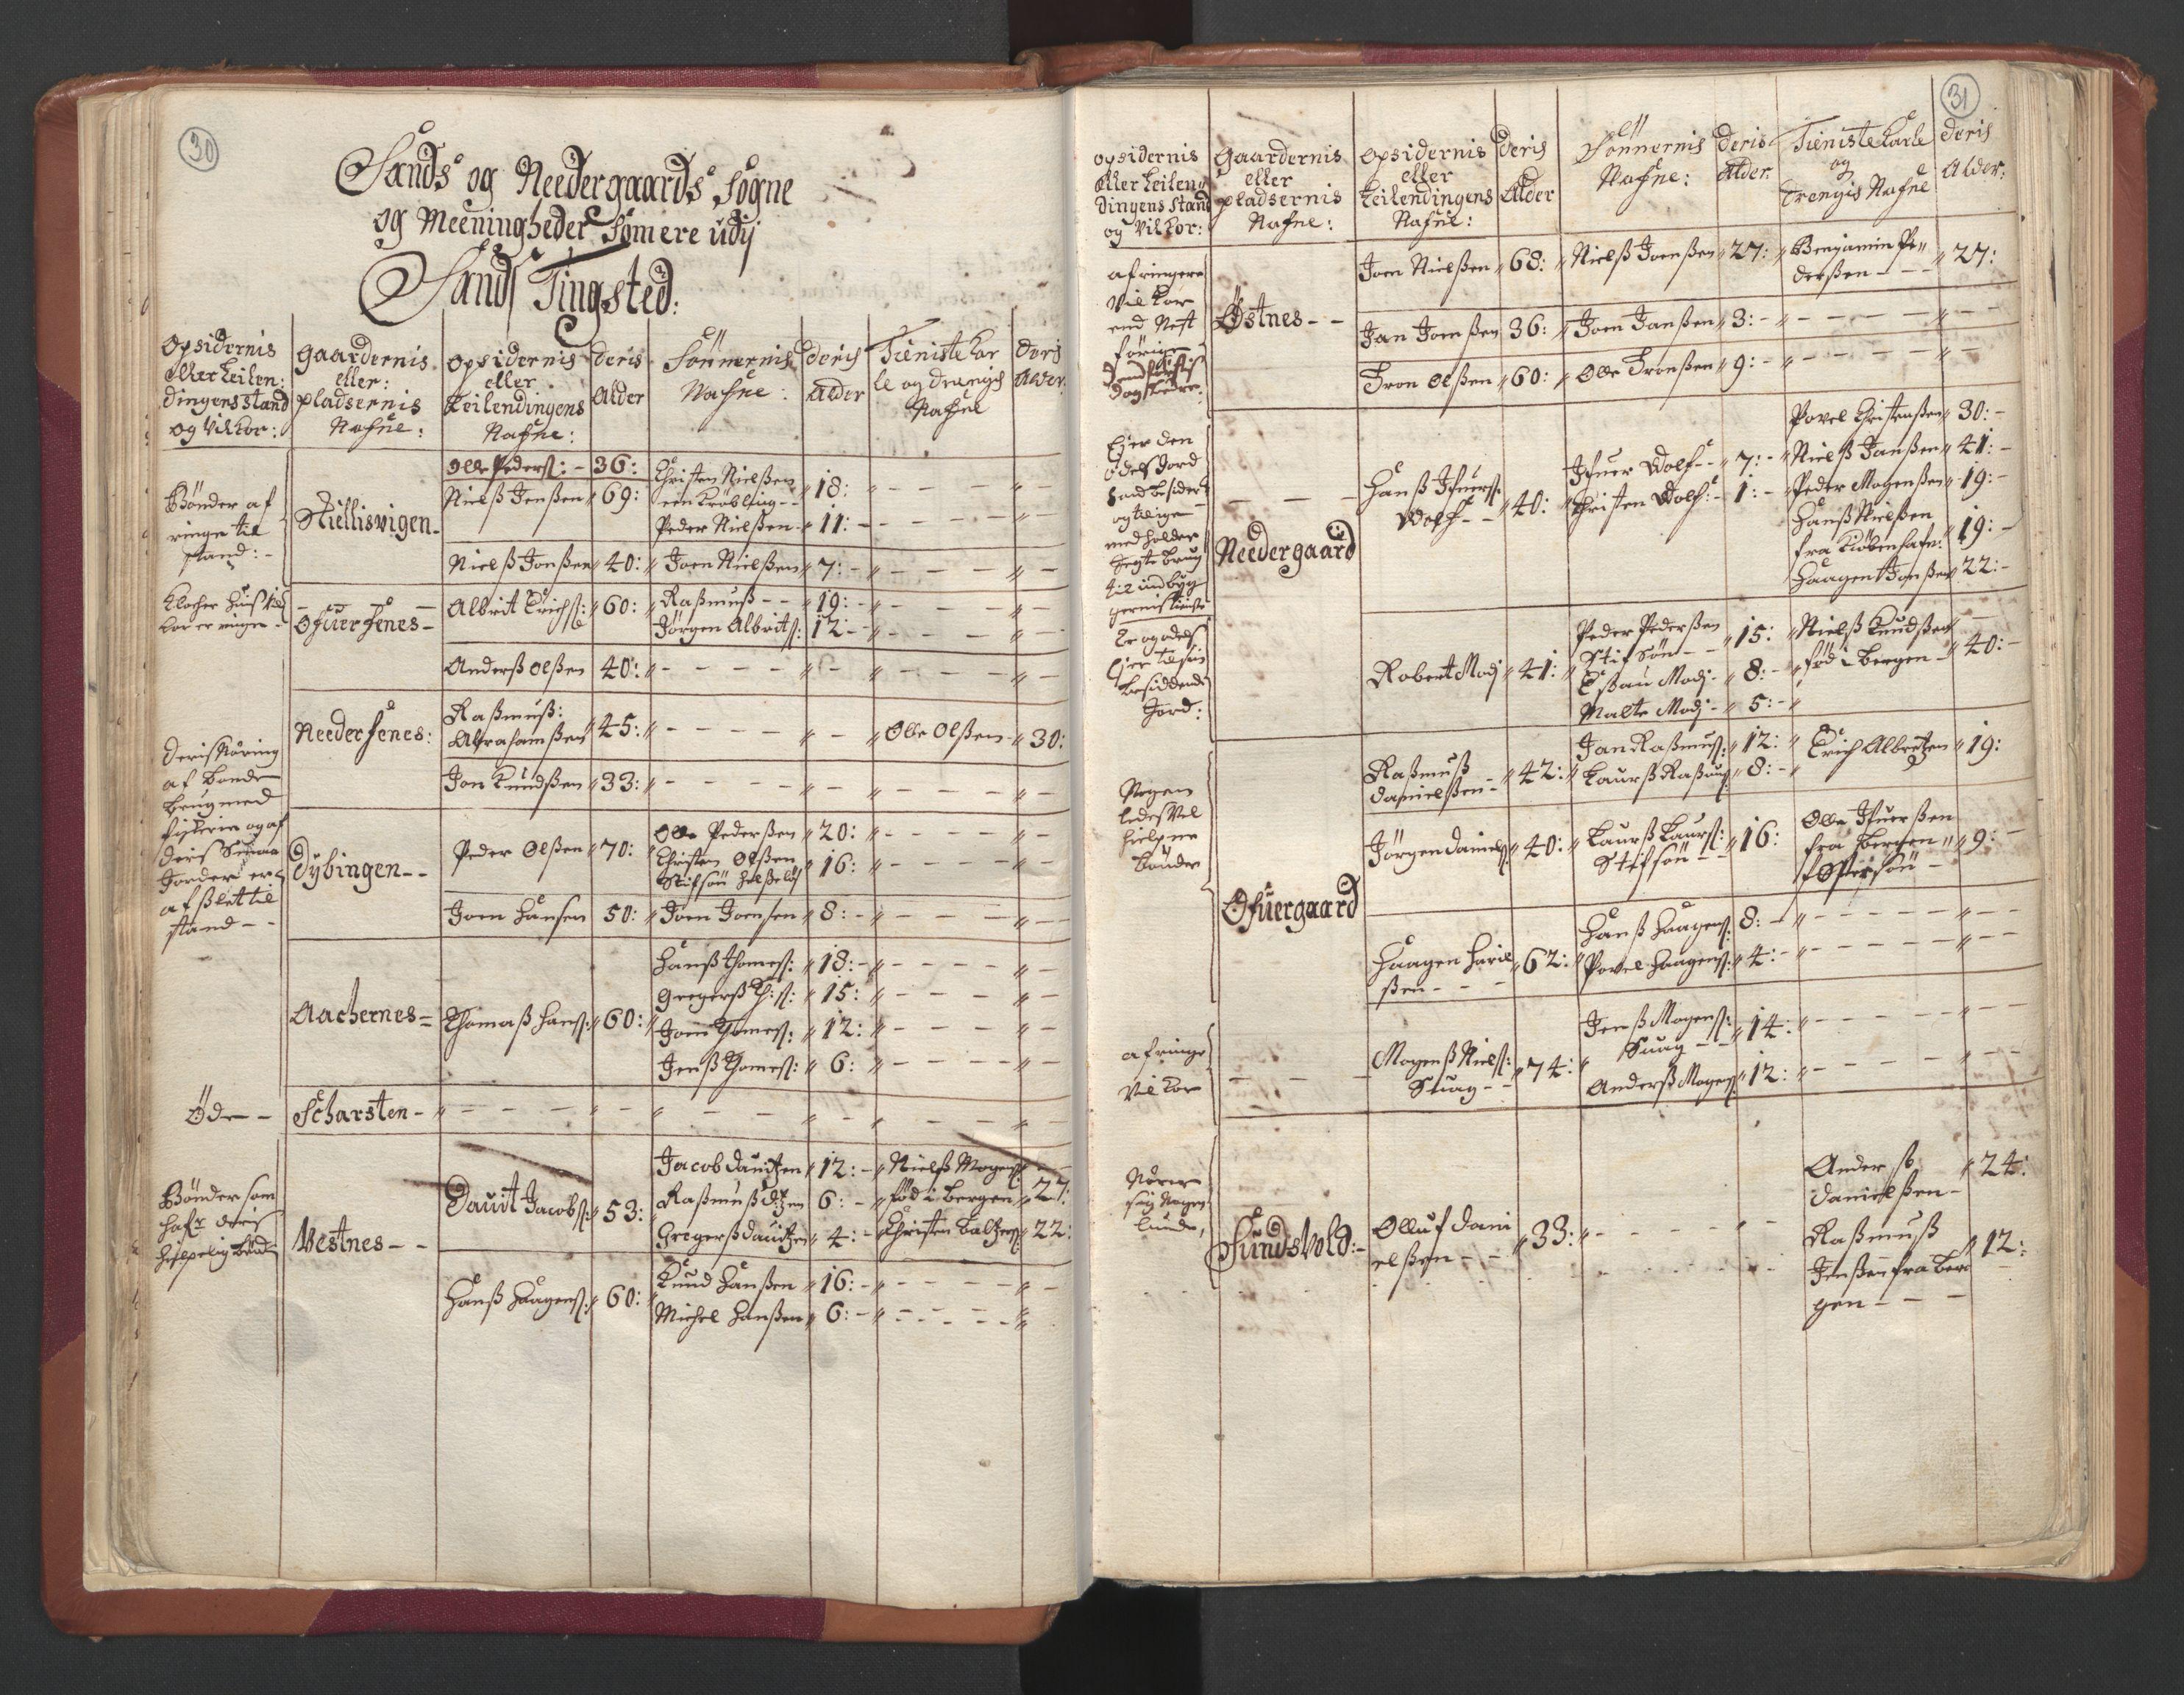 RA, Manntallet 1701, nr. 19: Senja og Tromsø fogderi, 1701, s. 30-31